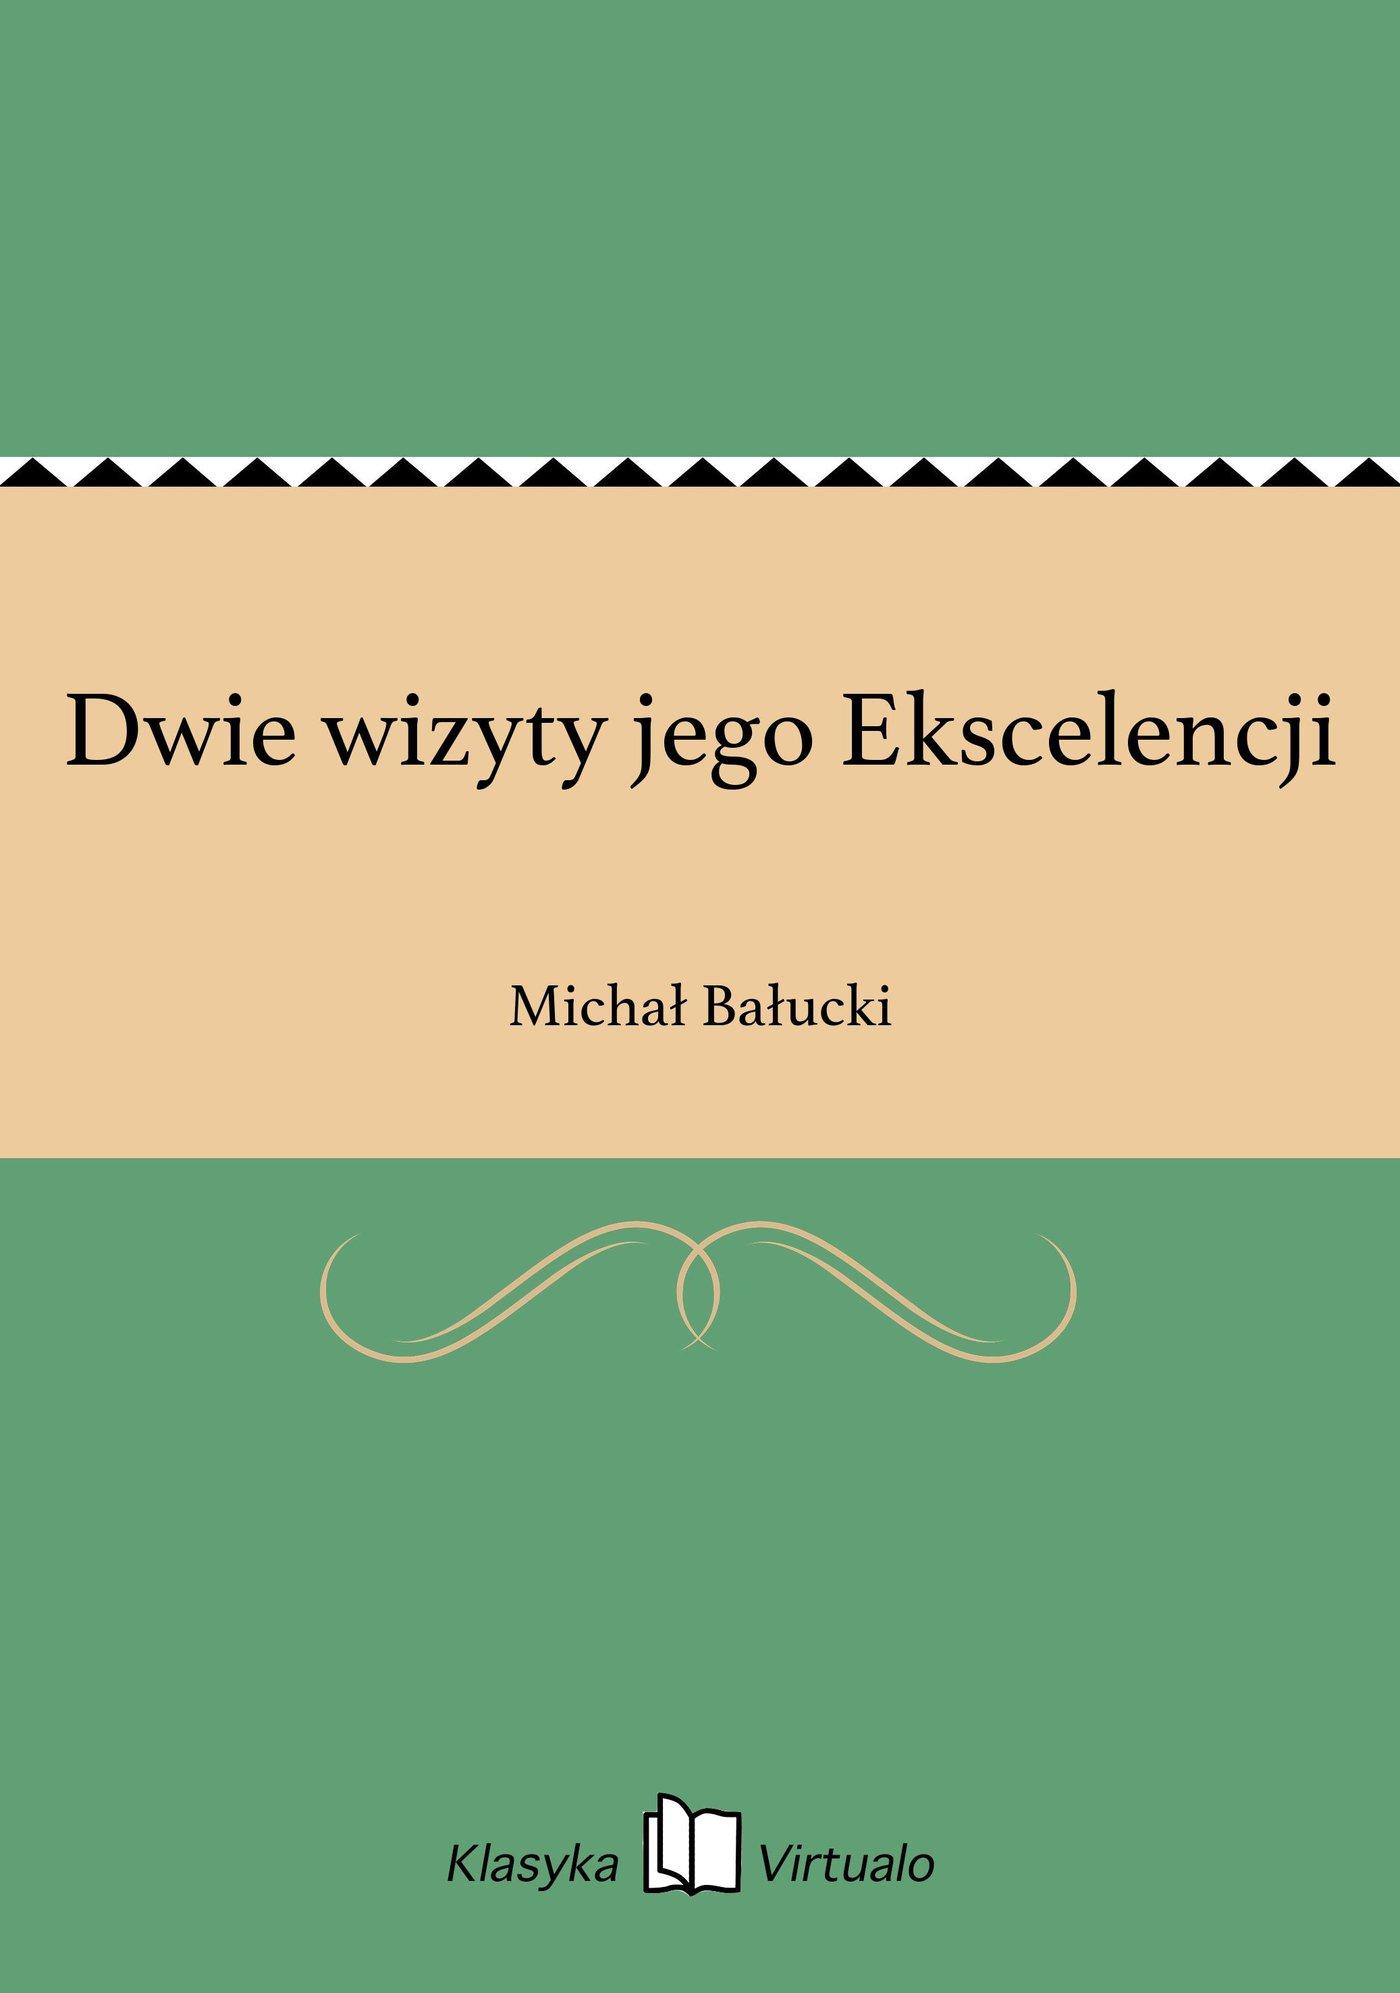 Dwie wizyty jego Ekscelencji - Ebook (Książka na Kindle) do pobrania w formacie MOBI